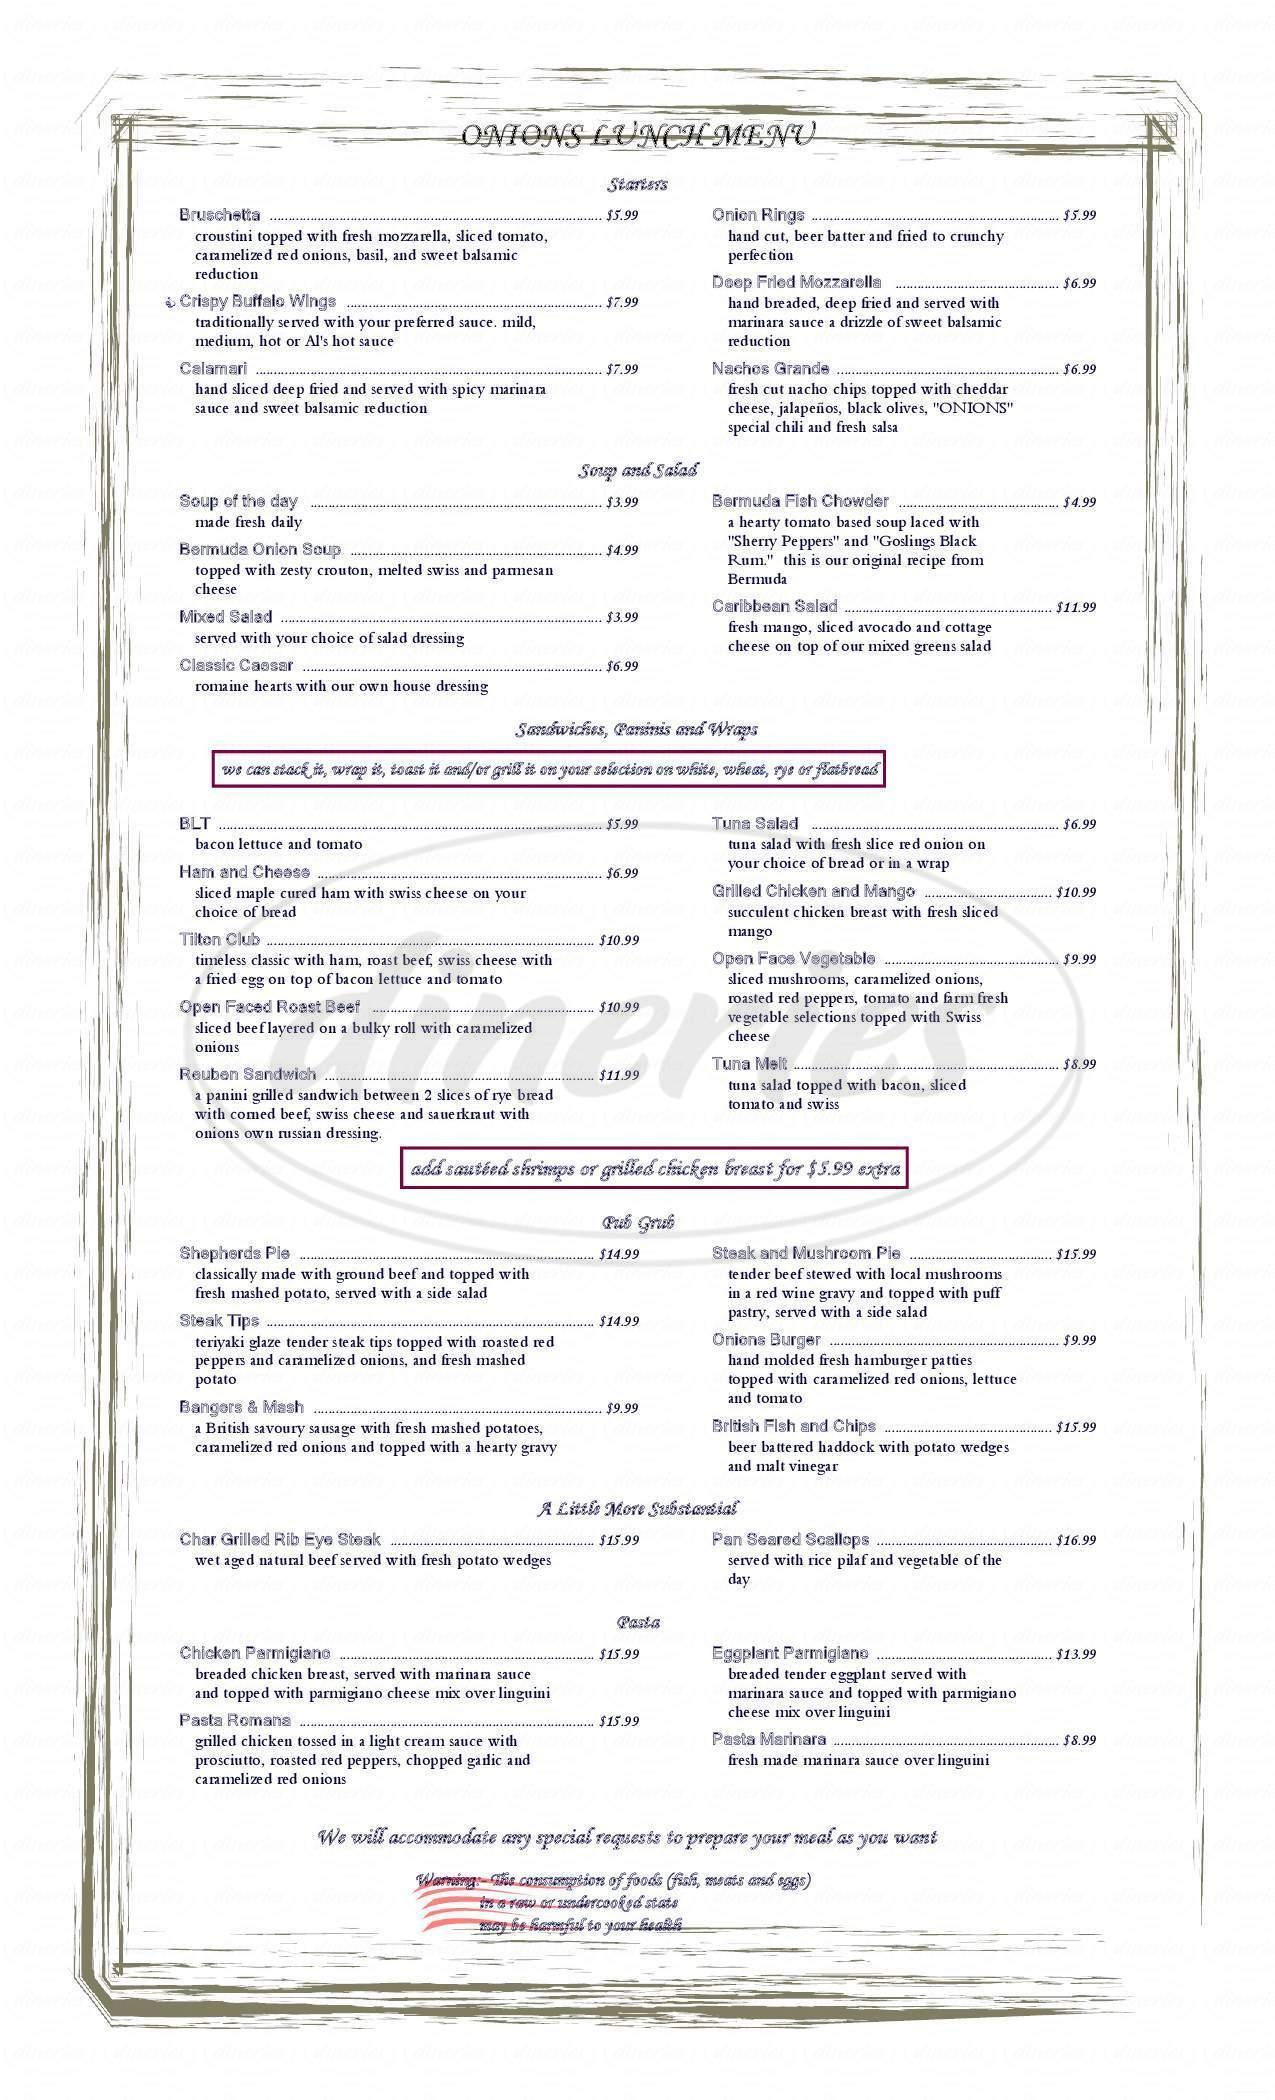 menu for Tilton Inn